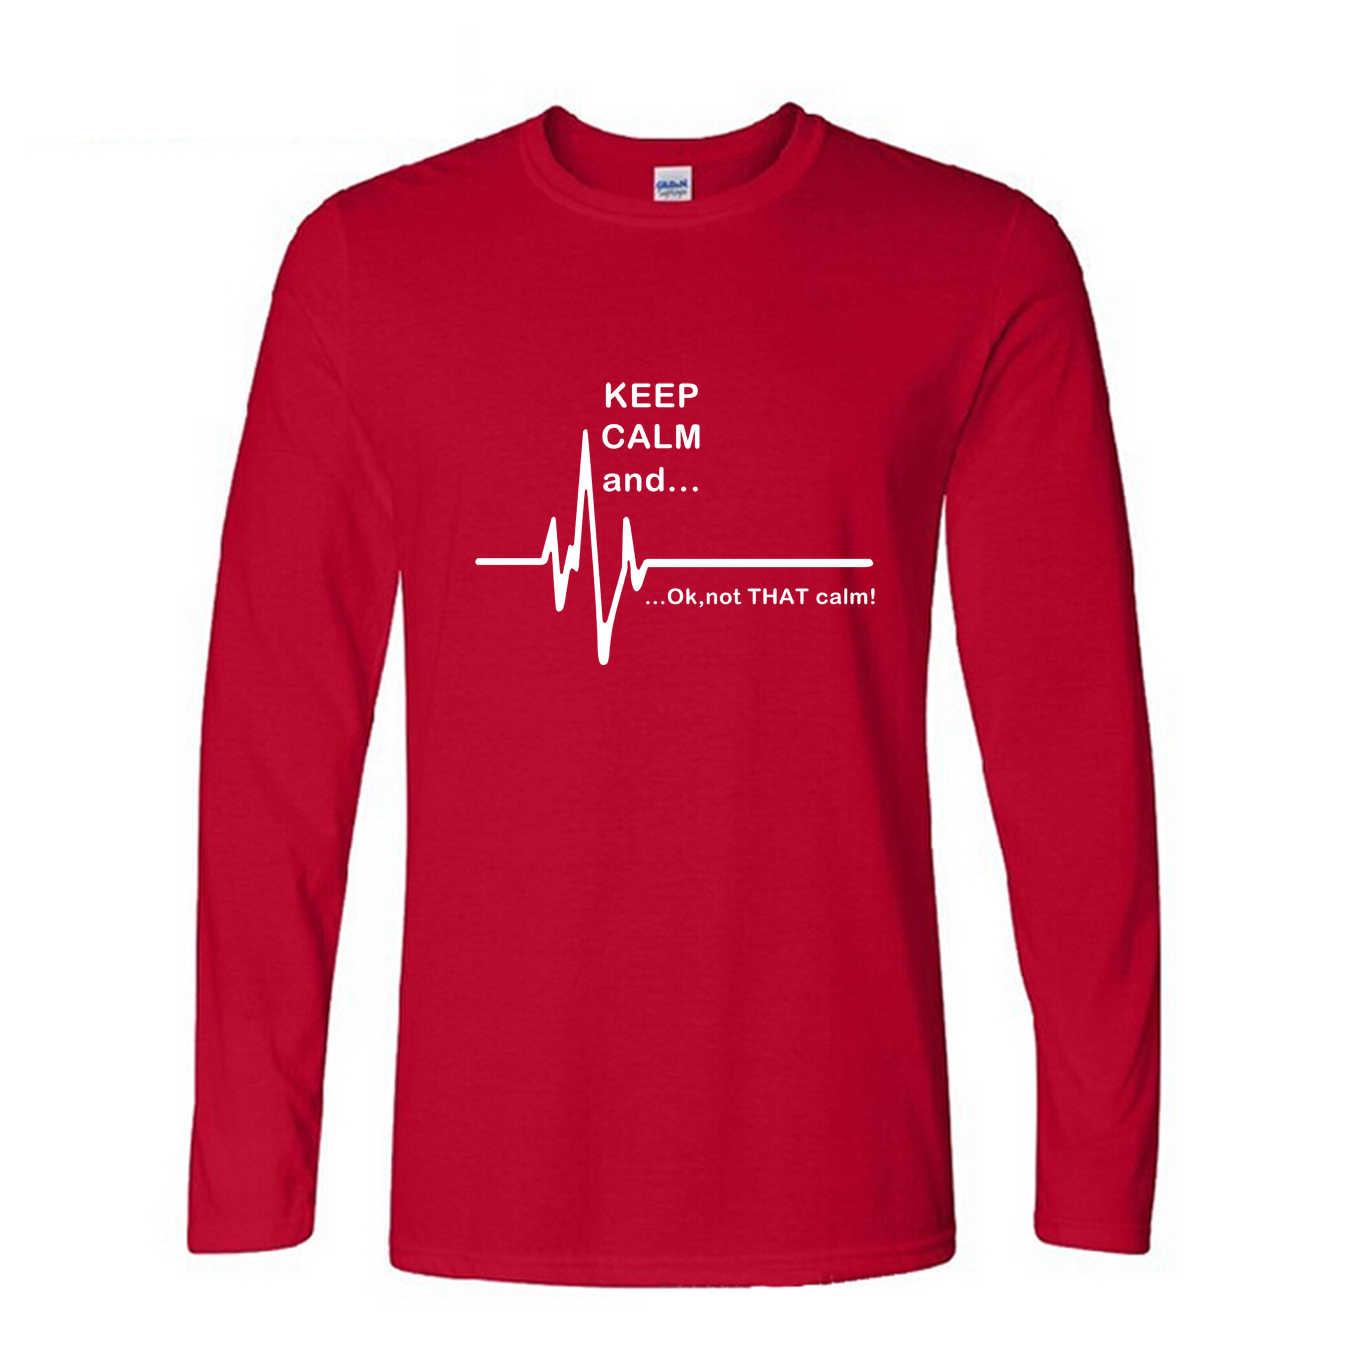 침착하게 유지하고... 그 평온하지 2019 새로운 패션 재밌는 심장 박동 응급 처치 간호사 인쇄 T 셔츠 긴 소매 티셔츠 남자 셔츠